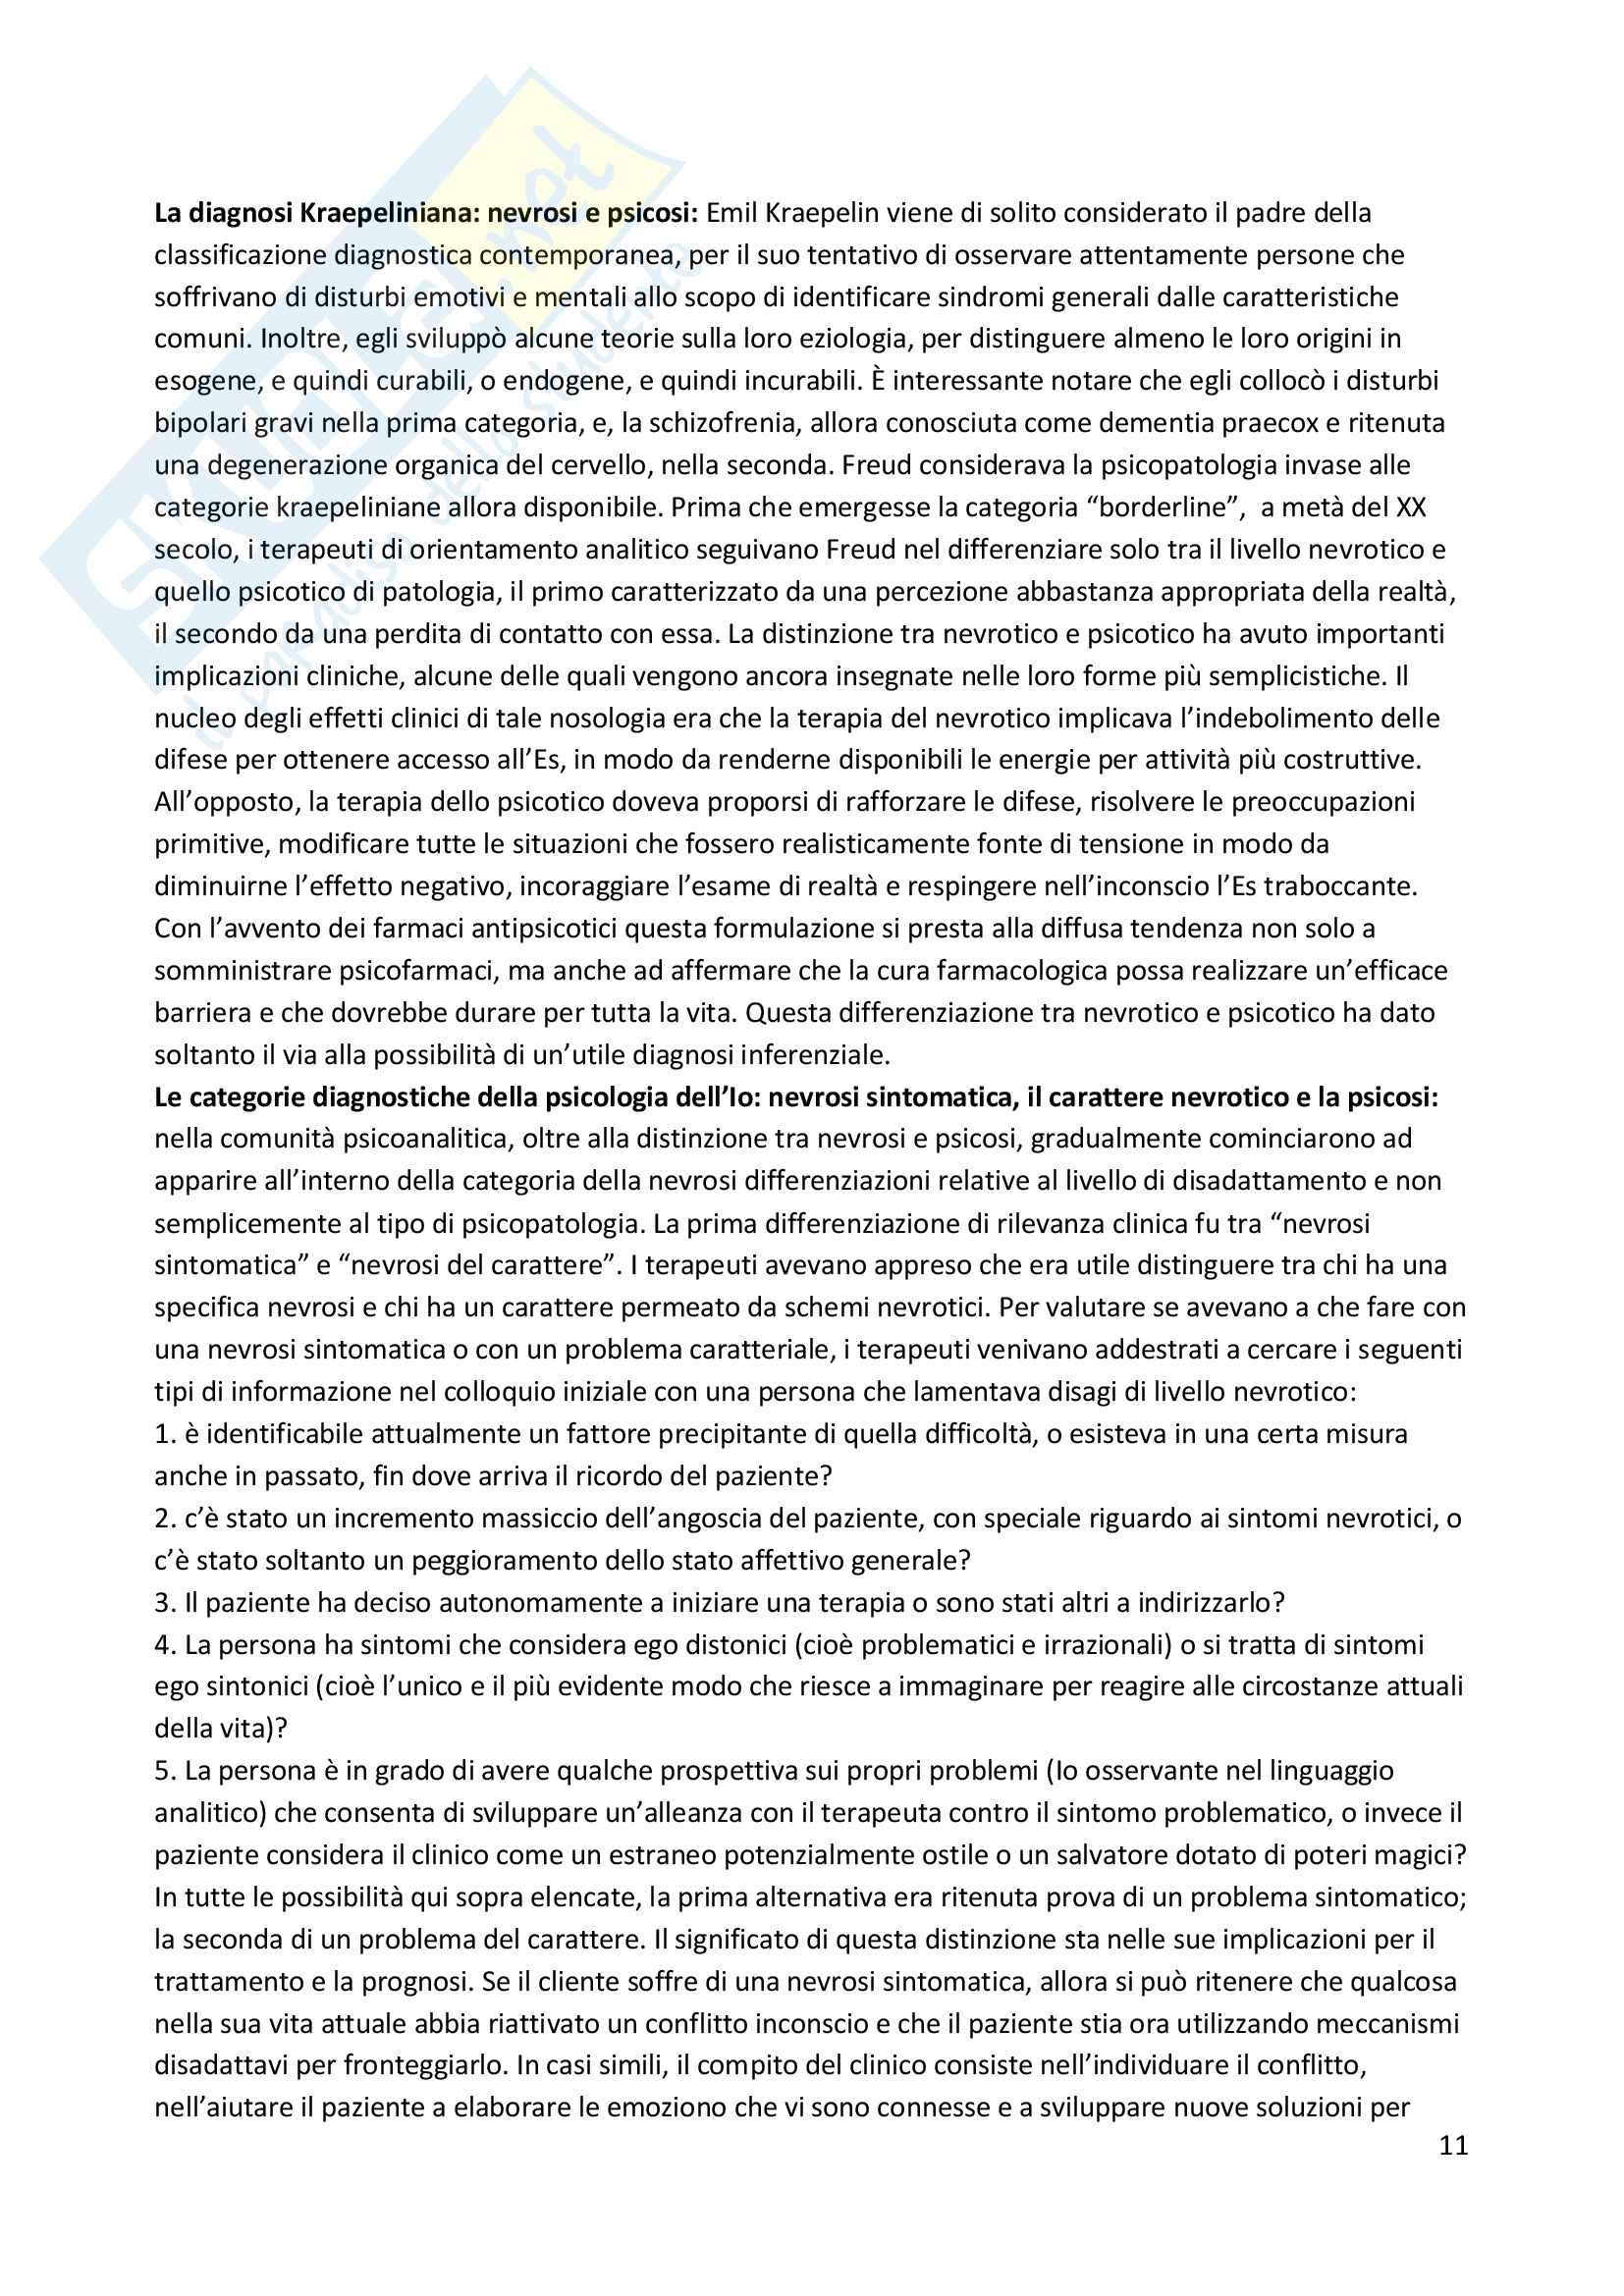 Riassunto esame Psicodiagnostica e psicopatologia, prof. La Grutta, libro consigliato La diagnosi psicoanalitica, N. Mc Williams Pag. 11